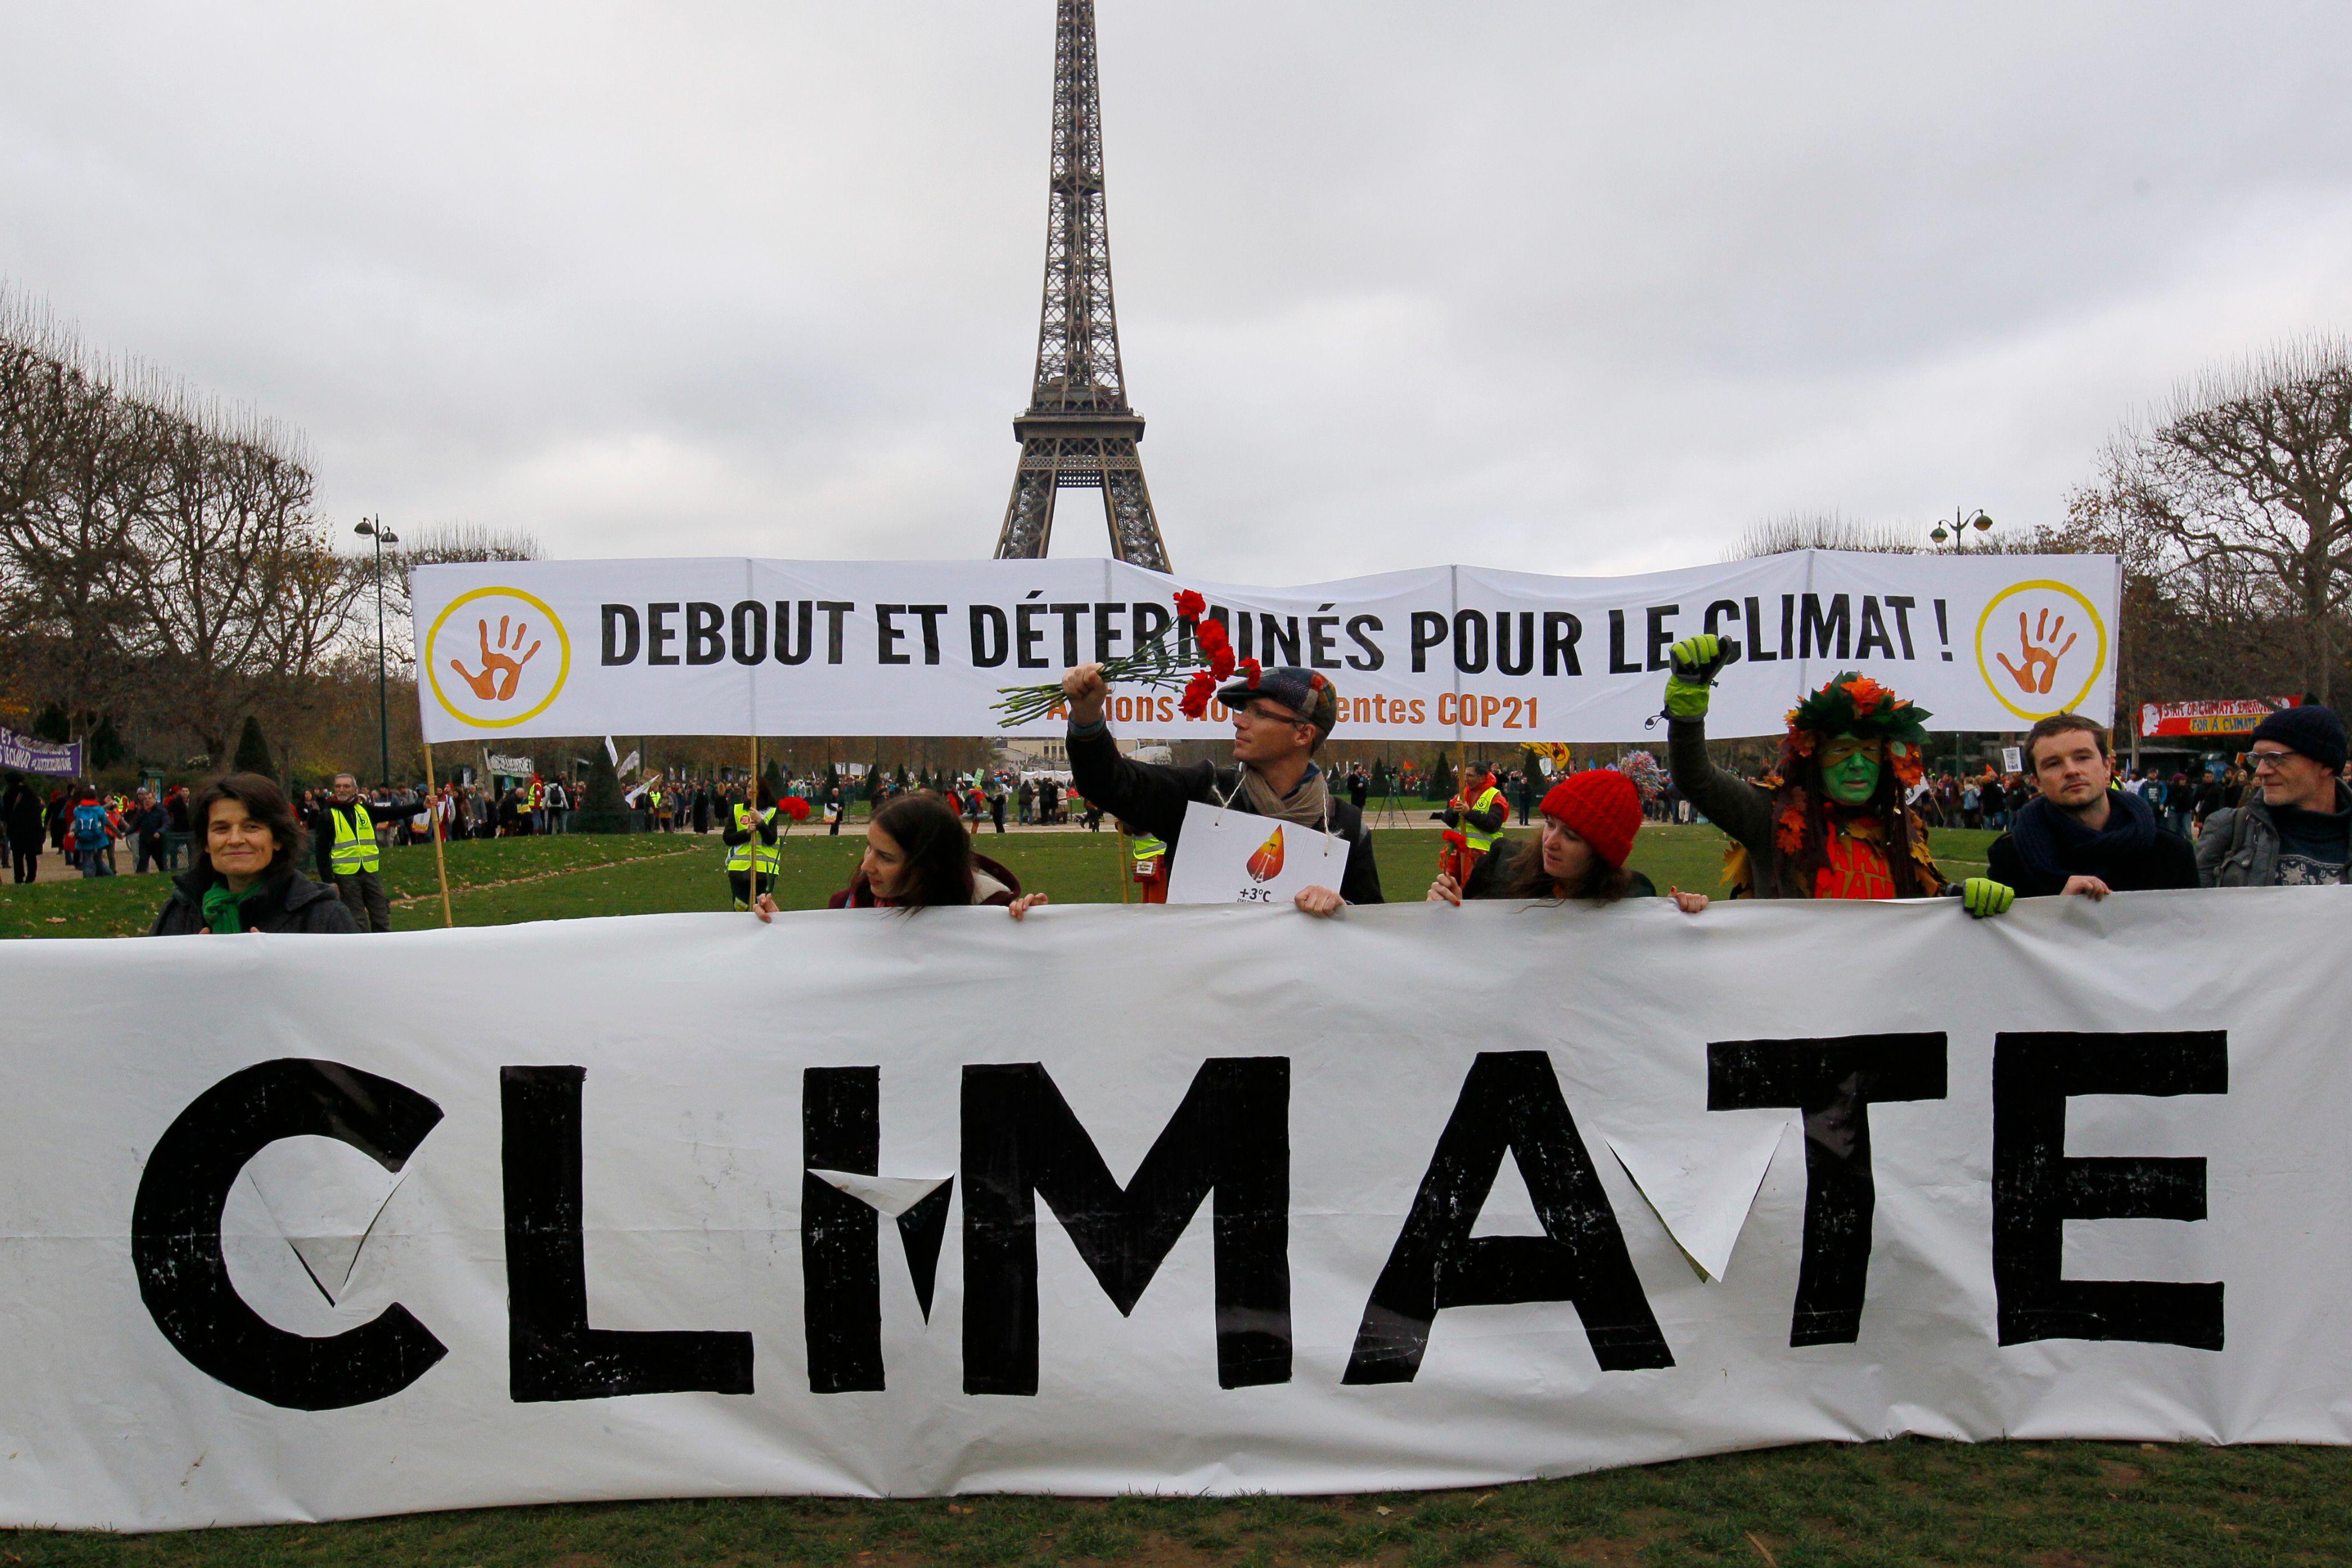 Accord de Paris : les réactions mondiales après l'annonce de Trump